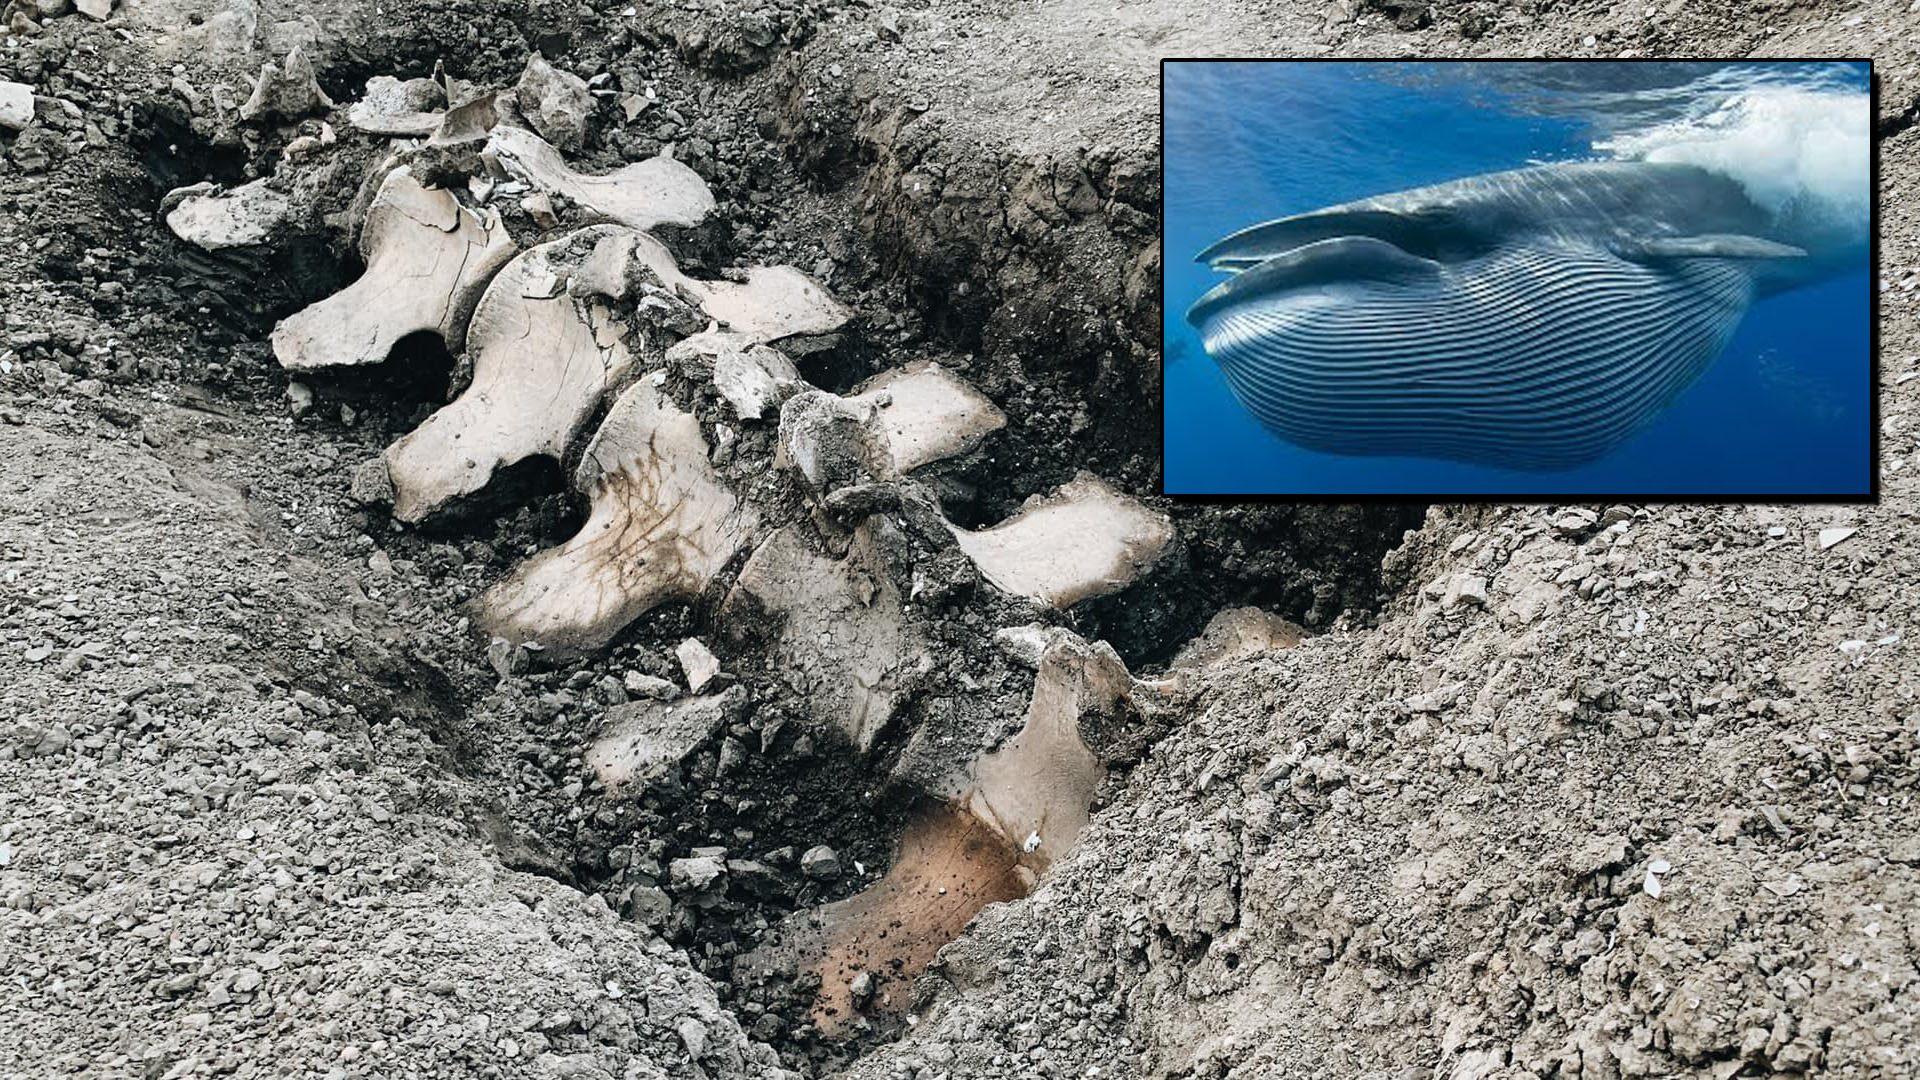 ยักษ์ทะเลบนดิน! พบโครงกระดูกวาฬ ใต้พื้นดินห่างไกลทะเล ชี้เป็นหลักฐานประวัติศาสตร์